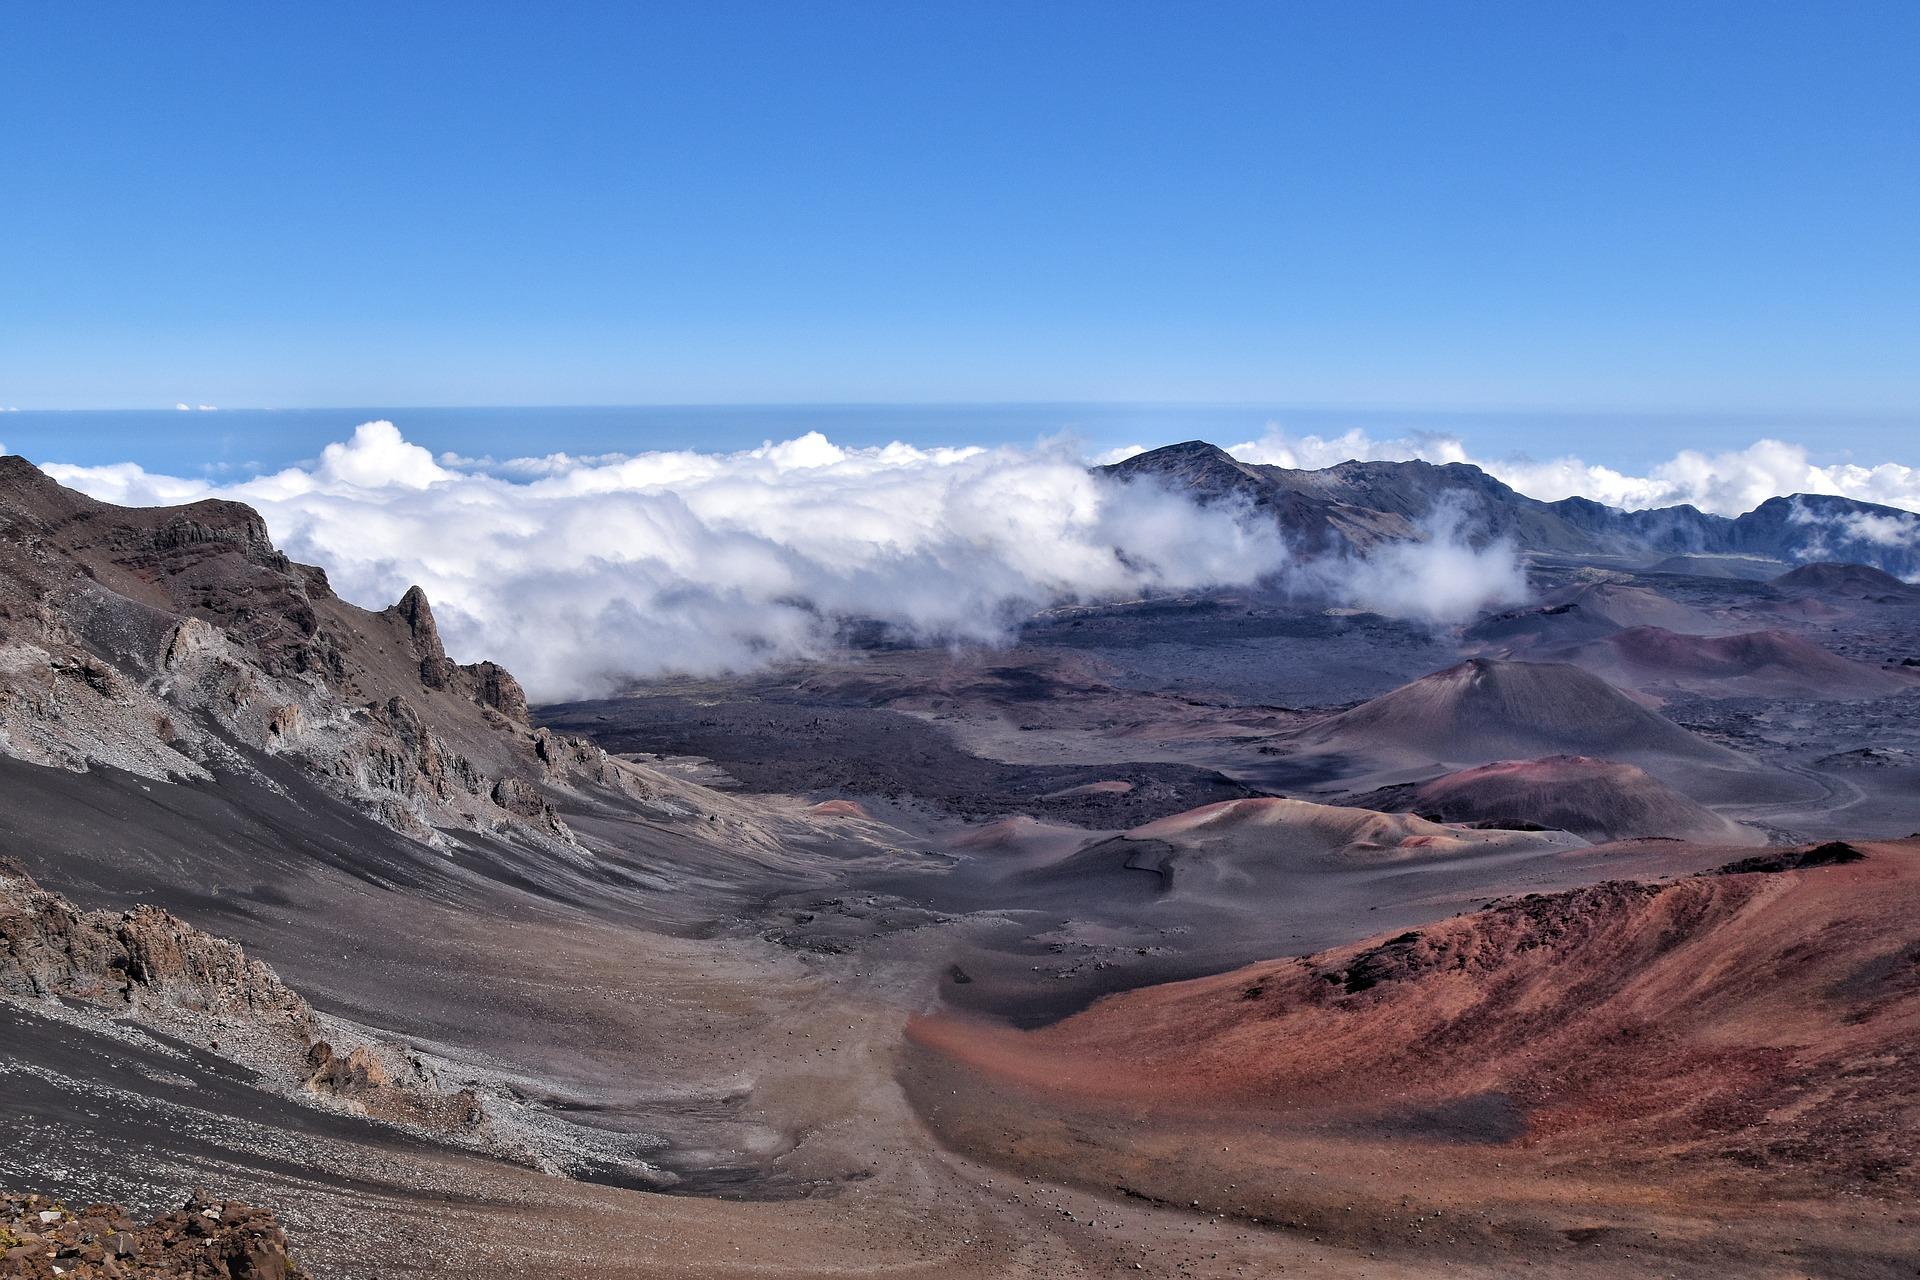 e291dec8 hawaii tour - 特別なハワイ旅行にしたい!ちょっと贅沢なツアーとアクティビティ10選